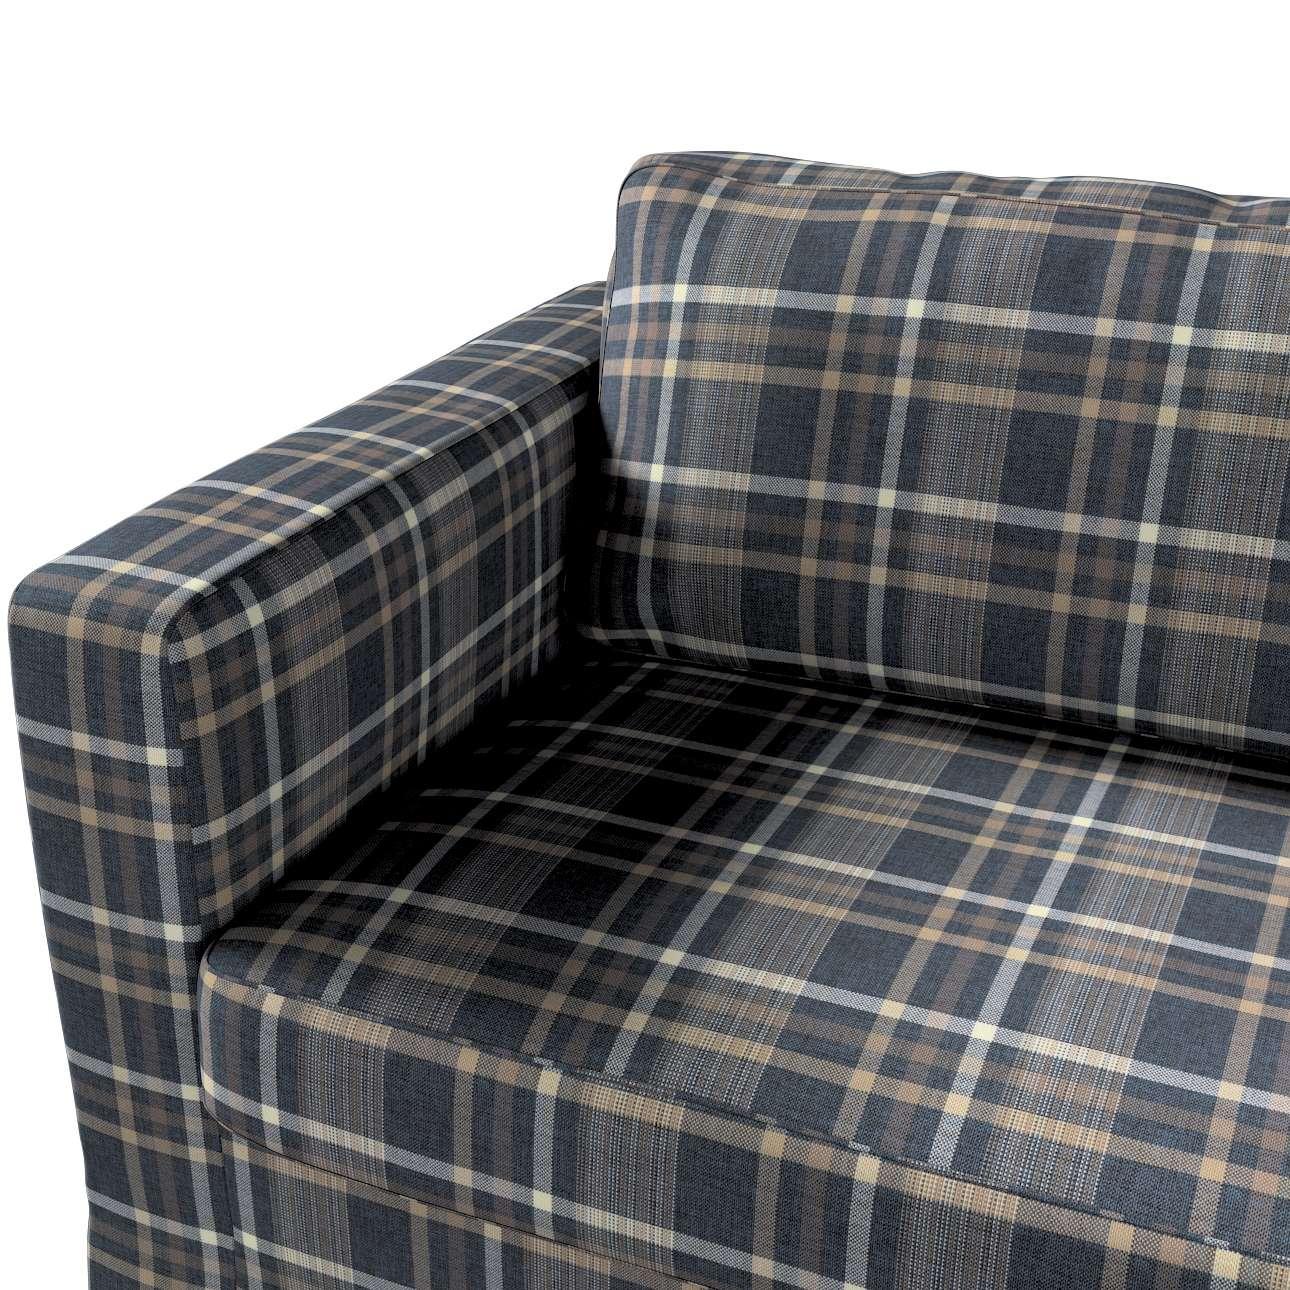 Pokrowiec na sofę Karlstad 3-osobową nierozkładaną, długi w kolekcji Edinburgh, tkanina: 703-16